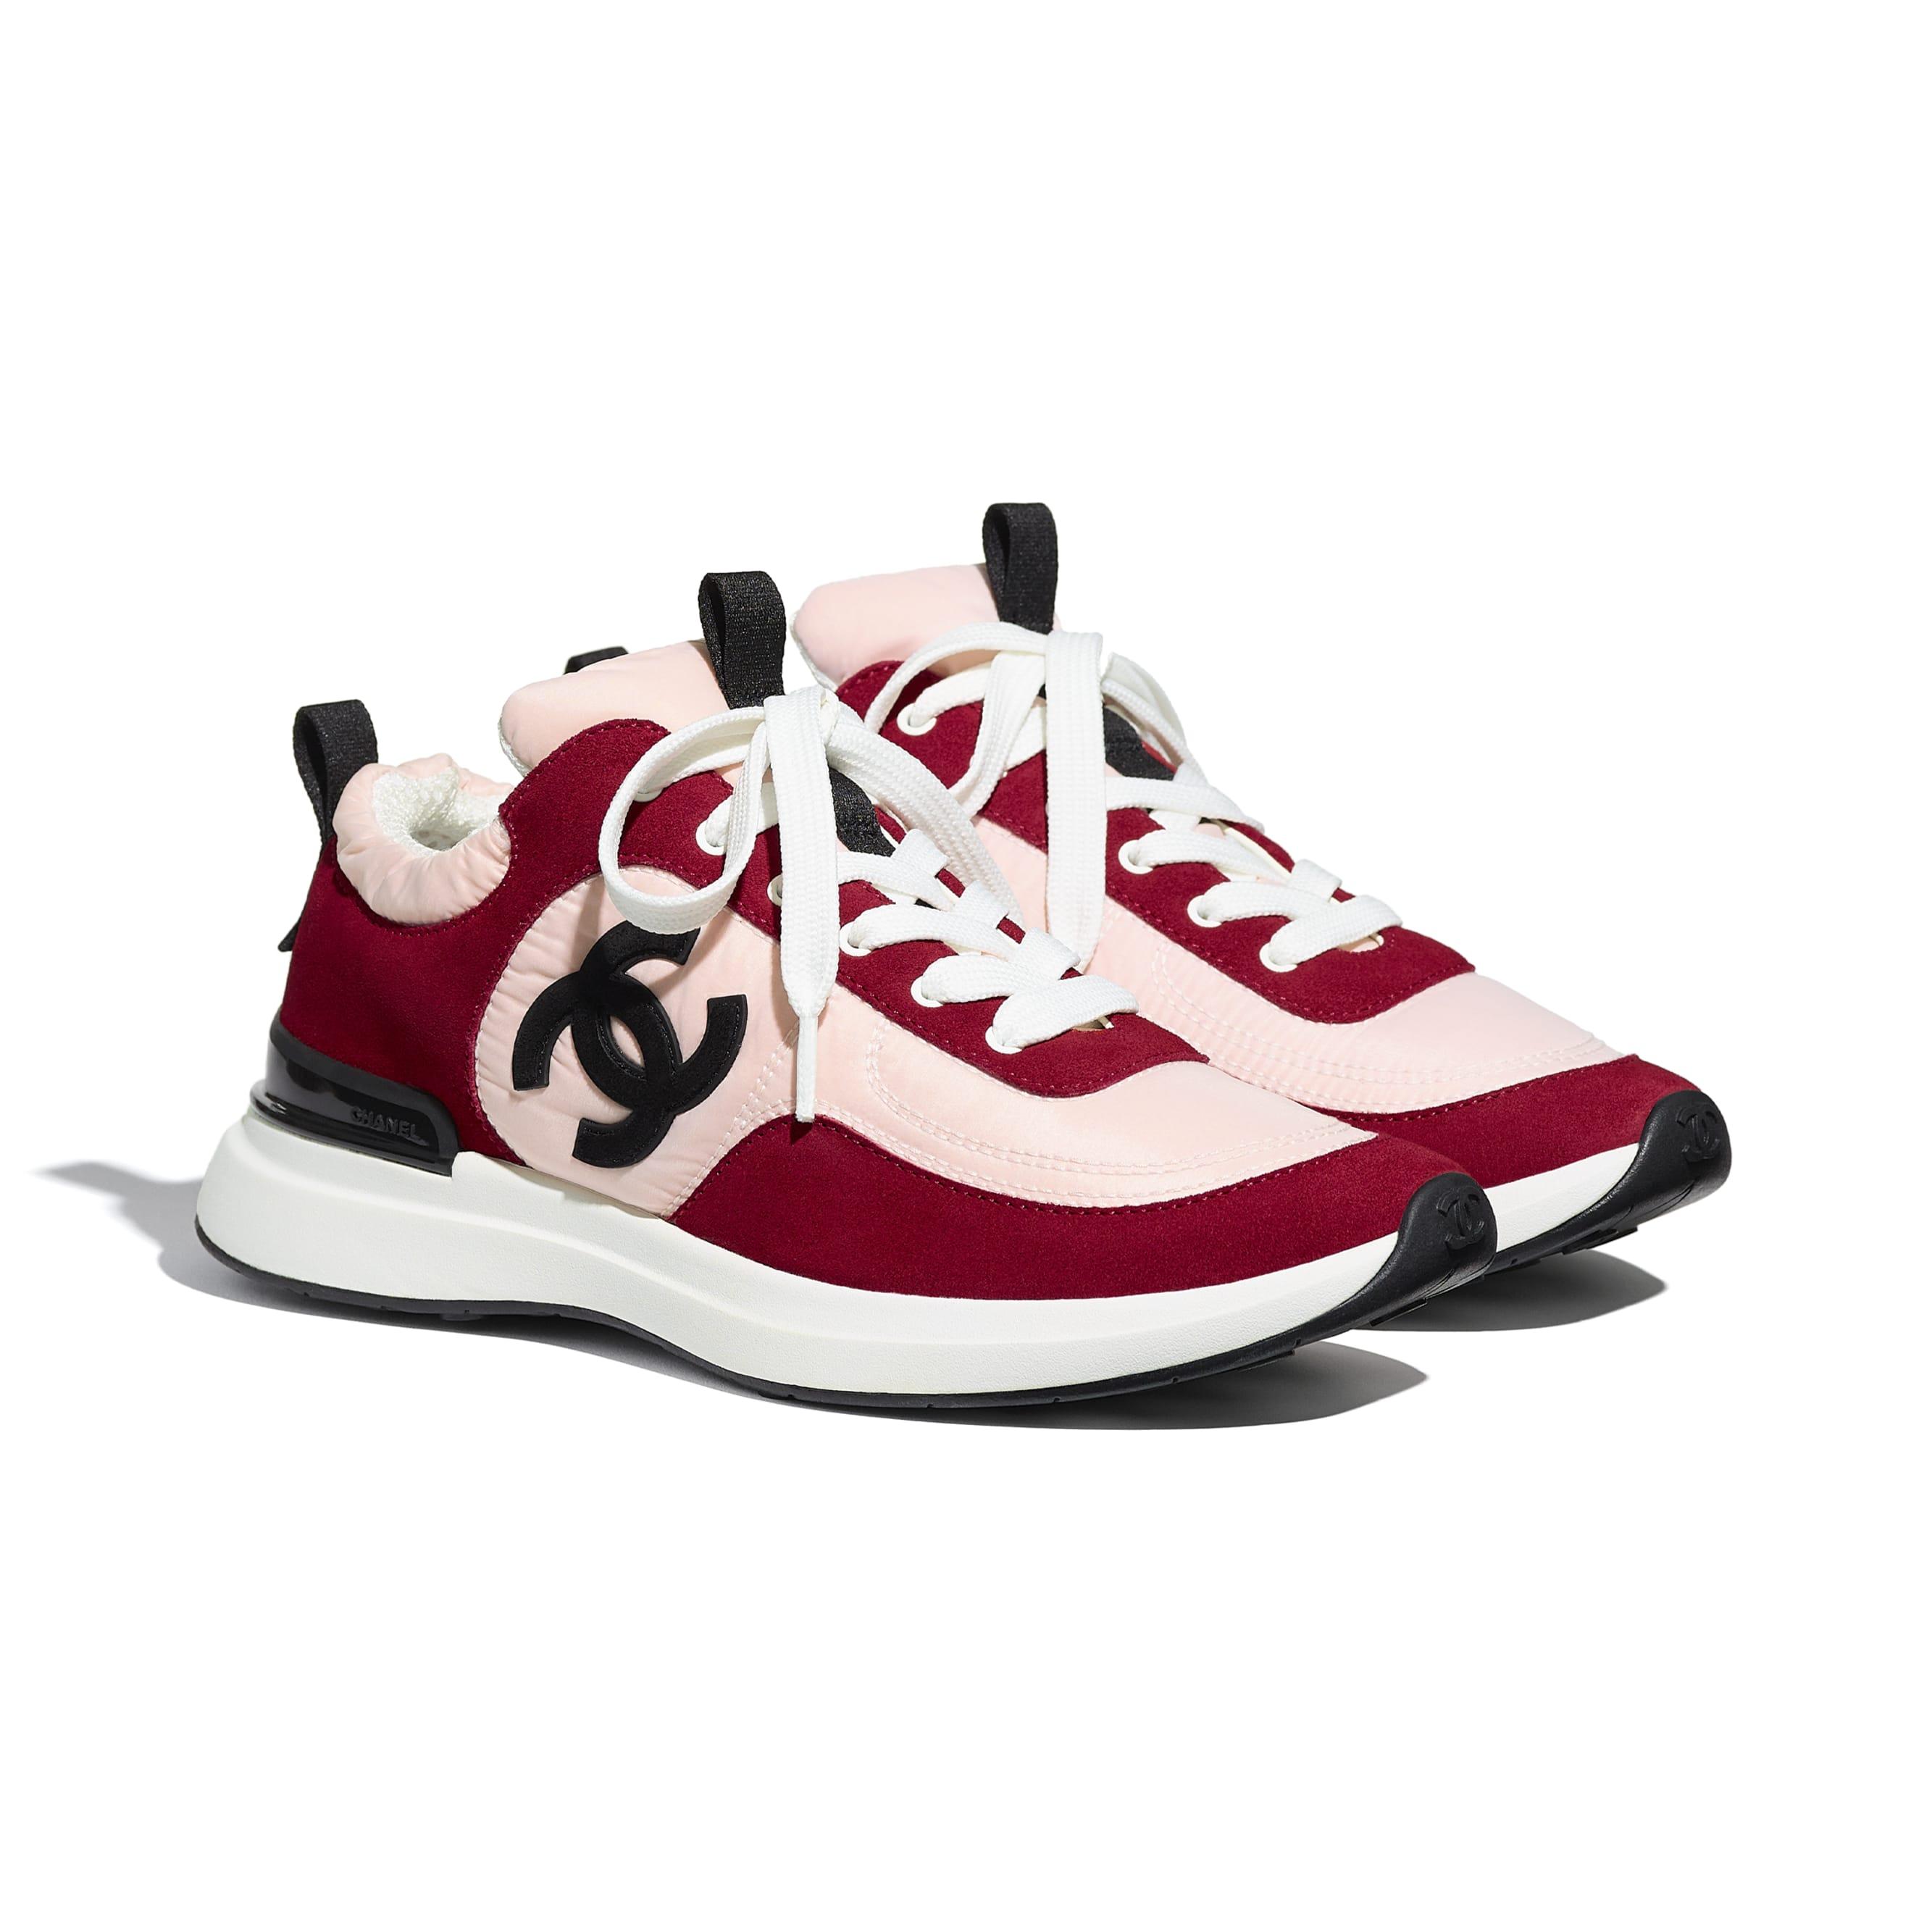 Buty sportowe - Kolor różowy i ciemnoróżowy - Zamszowa skóra cielęca i nylon - CHANEL - Widok alternatywny – zobacz w standardowym rozmiarze